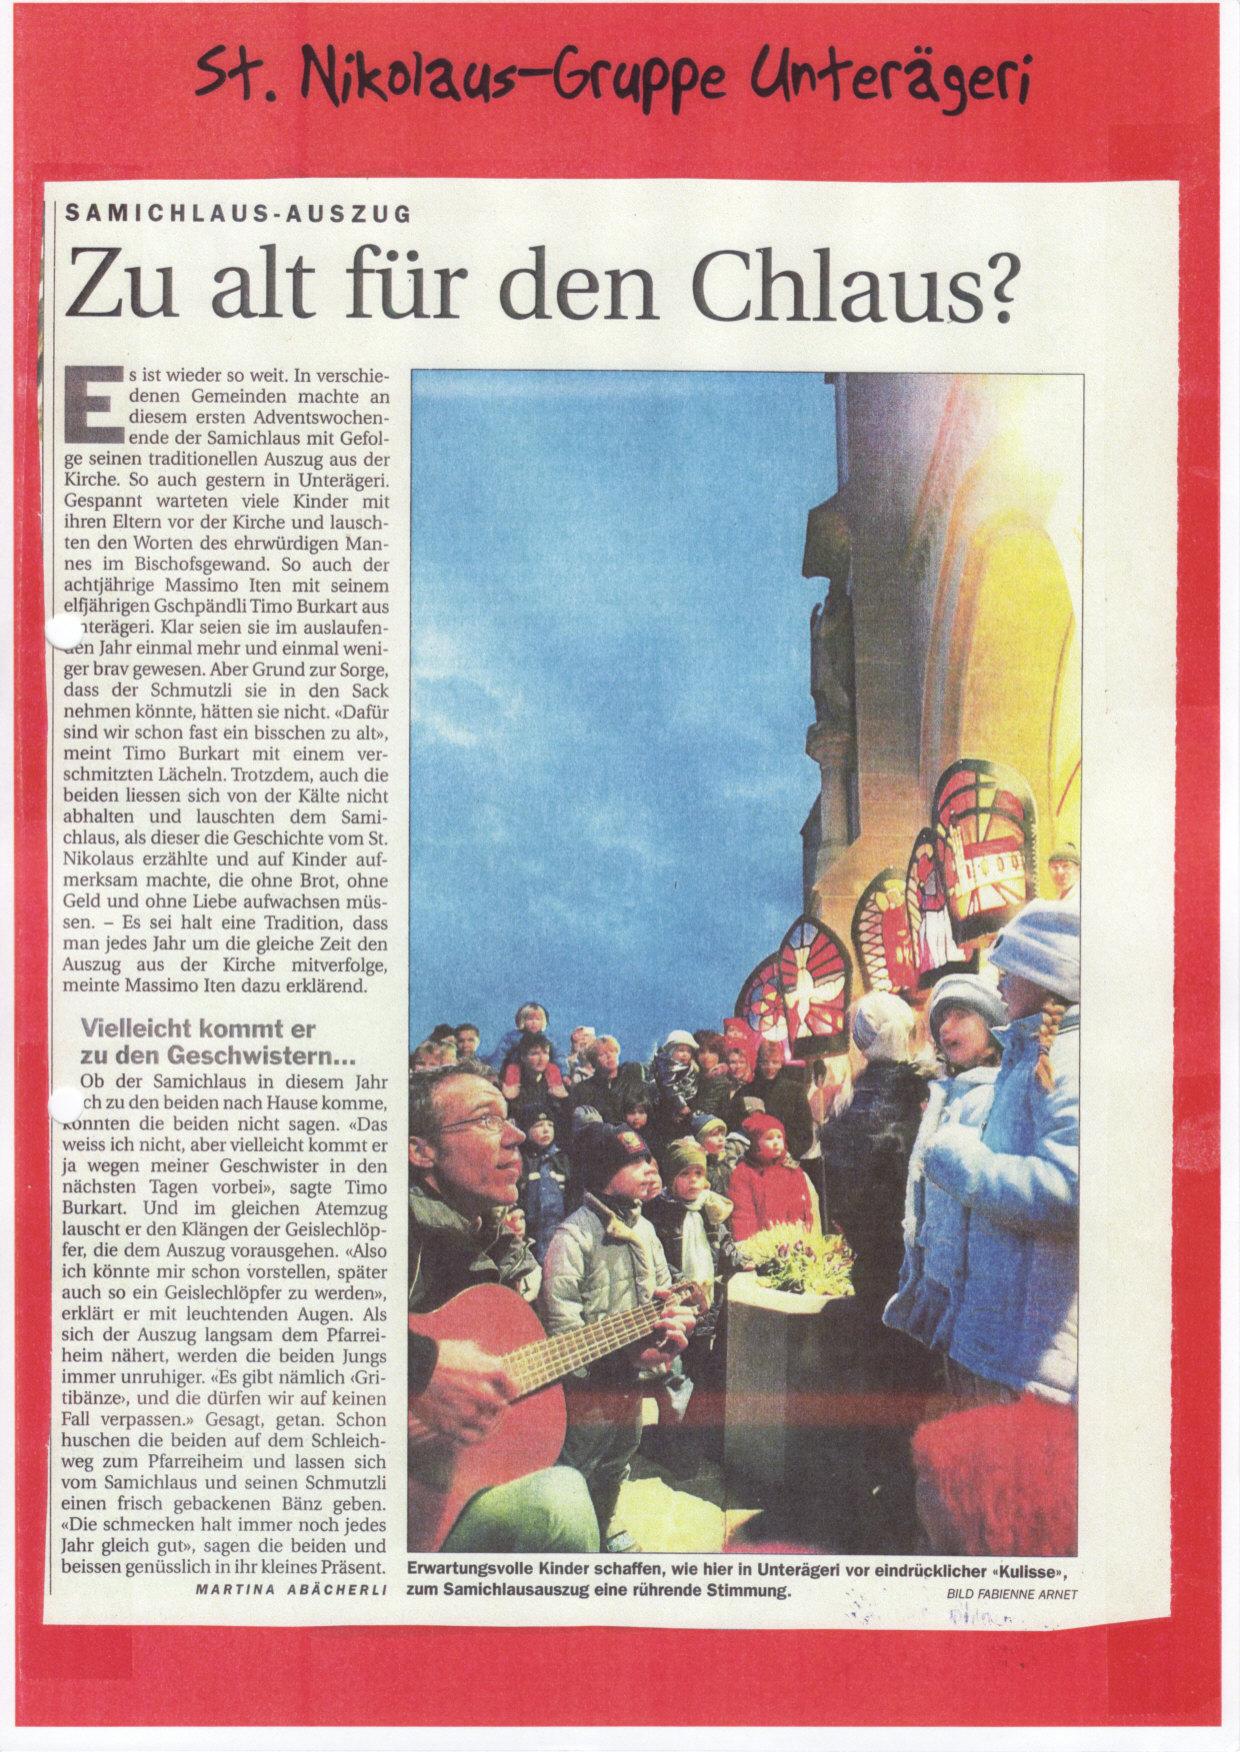 Zu_alt_für_den_Chlaus